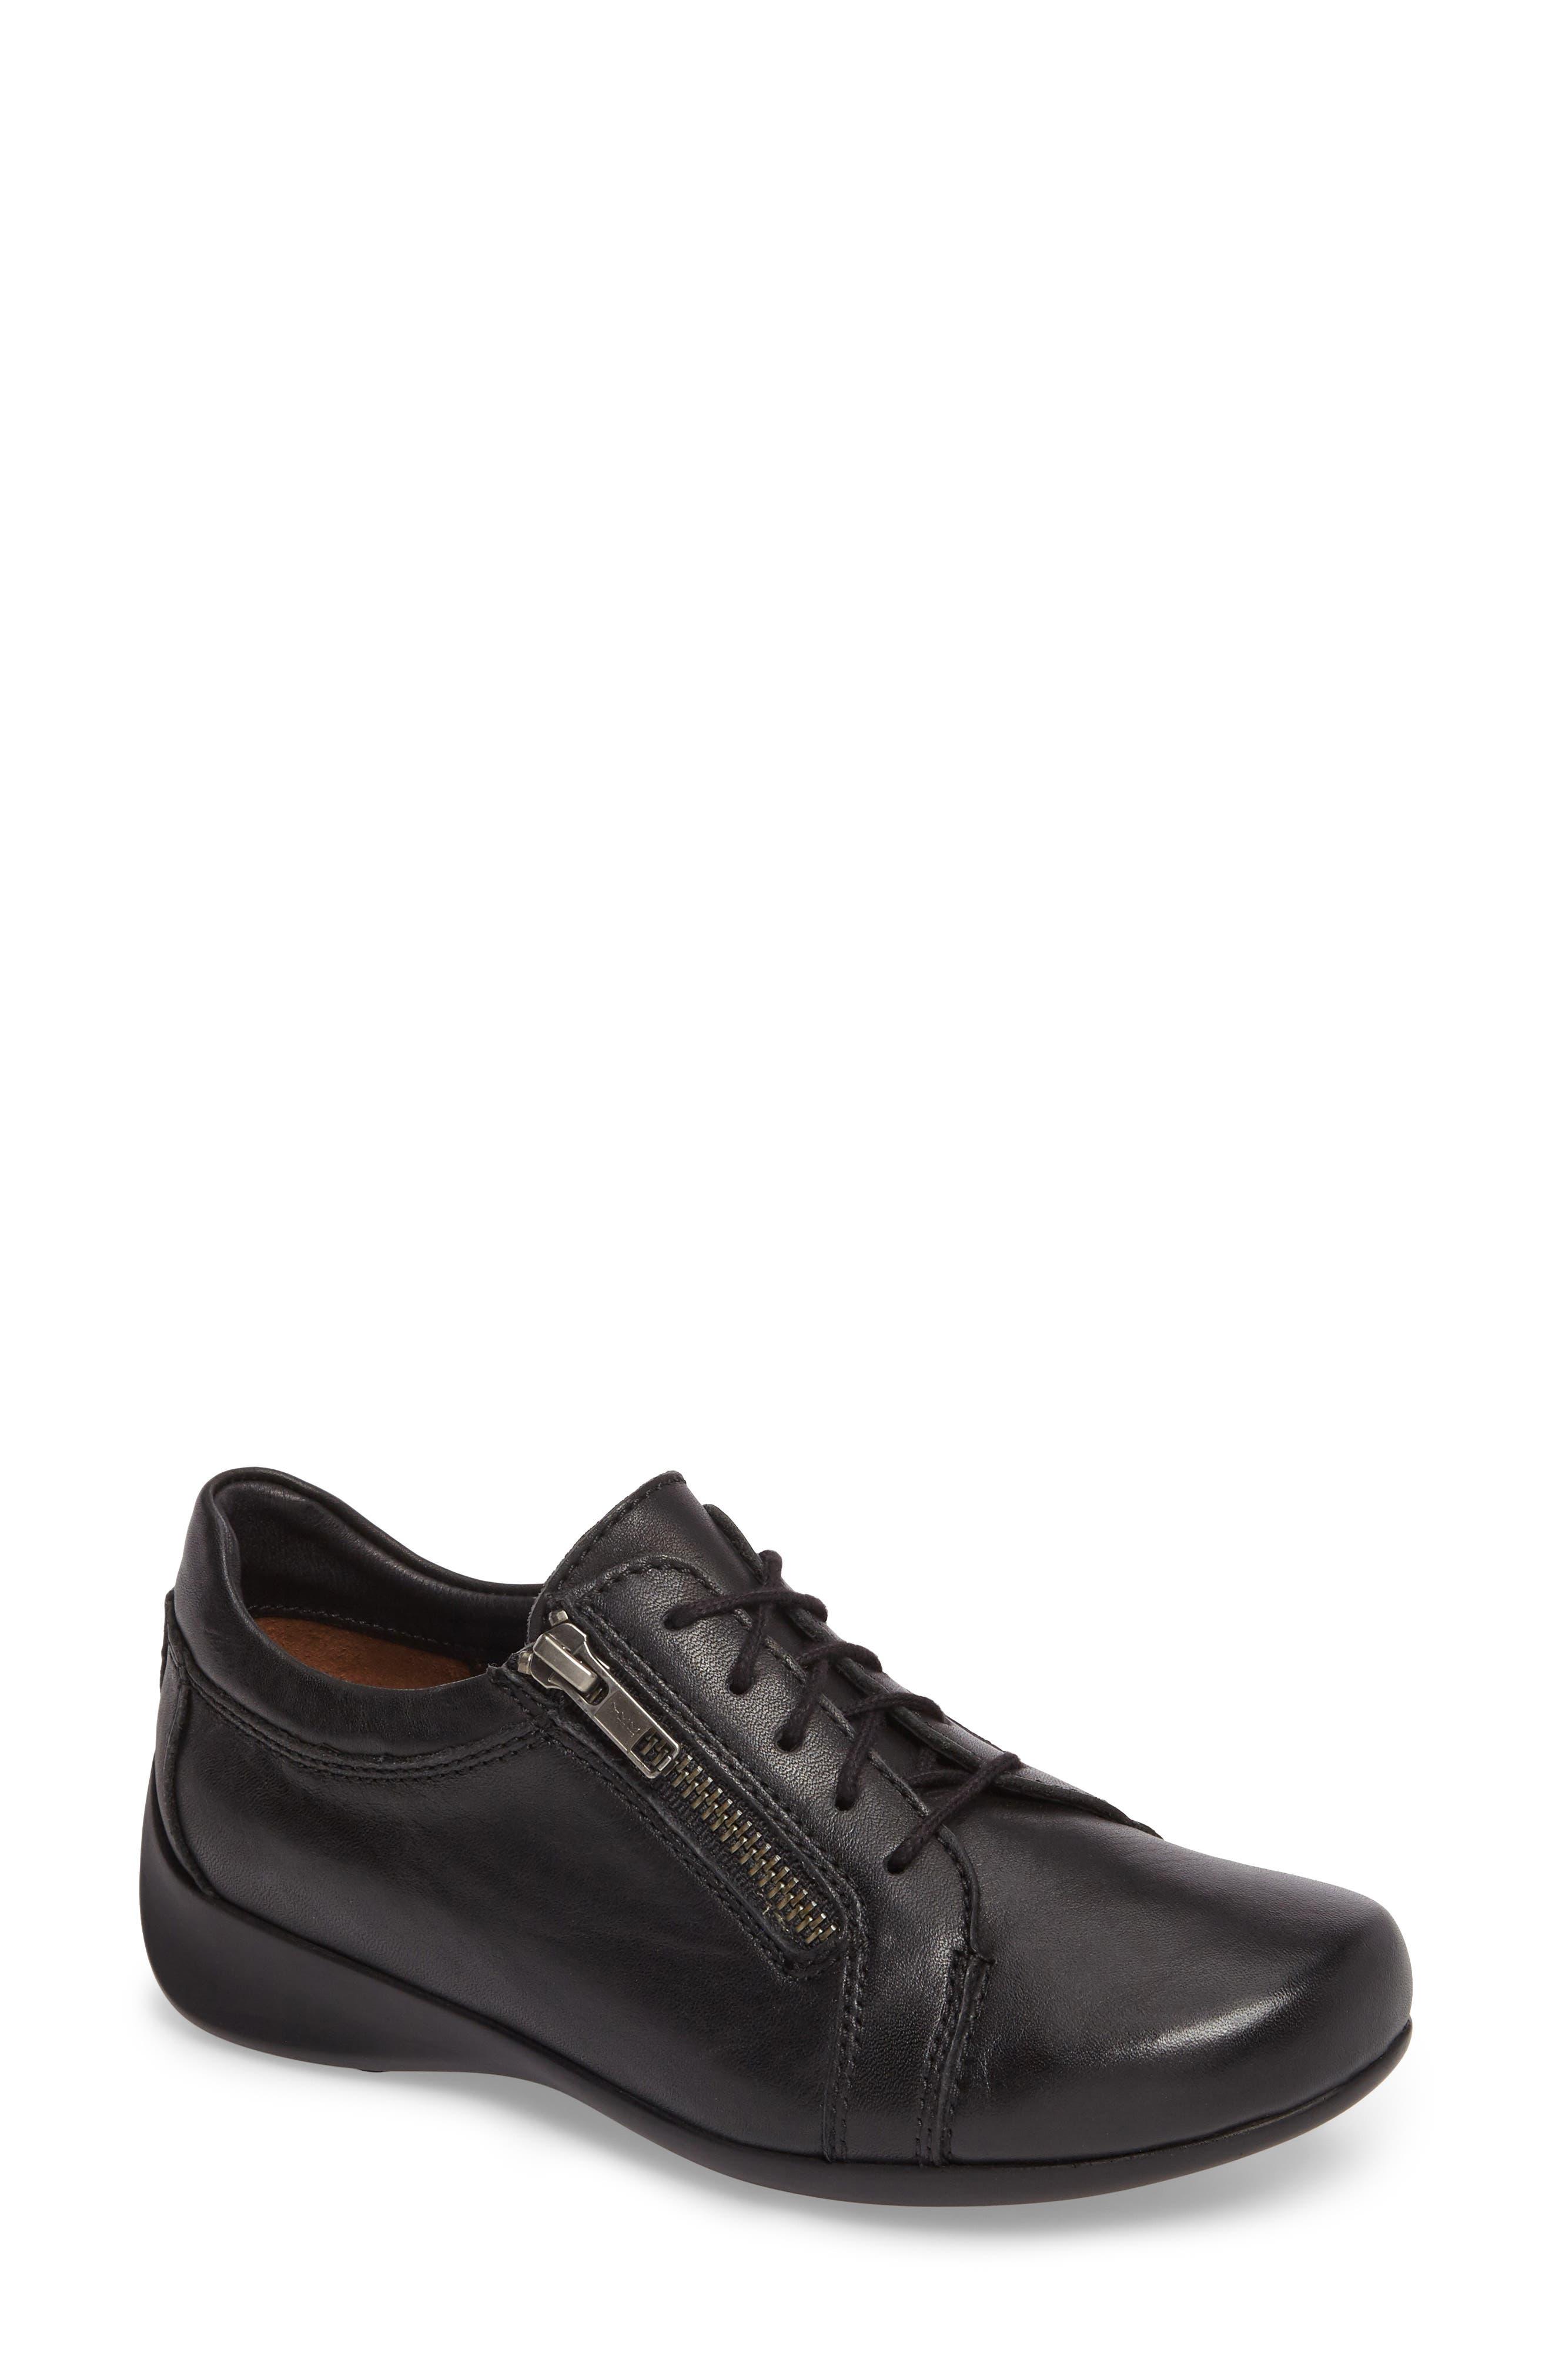 Bonnie Sneaker,                         Main,                         color, Black Leather